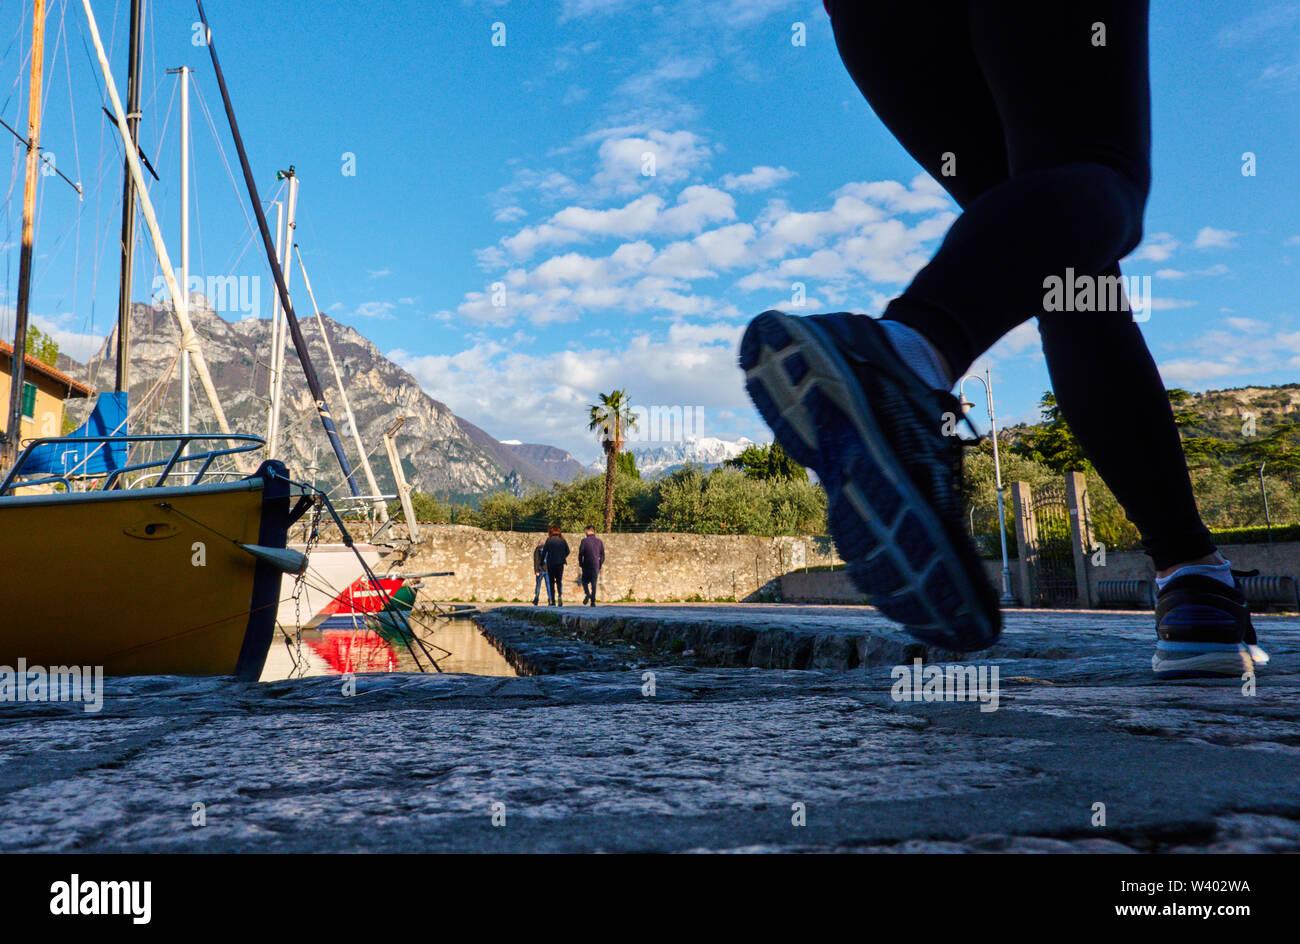 Jogger at north beach on sunrise at small harbor Porticcioloat Lago di Garda, Lake Garda in Torbole - Nago, Riva, Trentino , Italy at April 15, 2019. - Stock Image